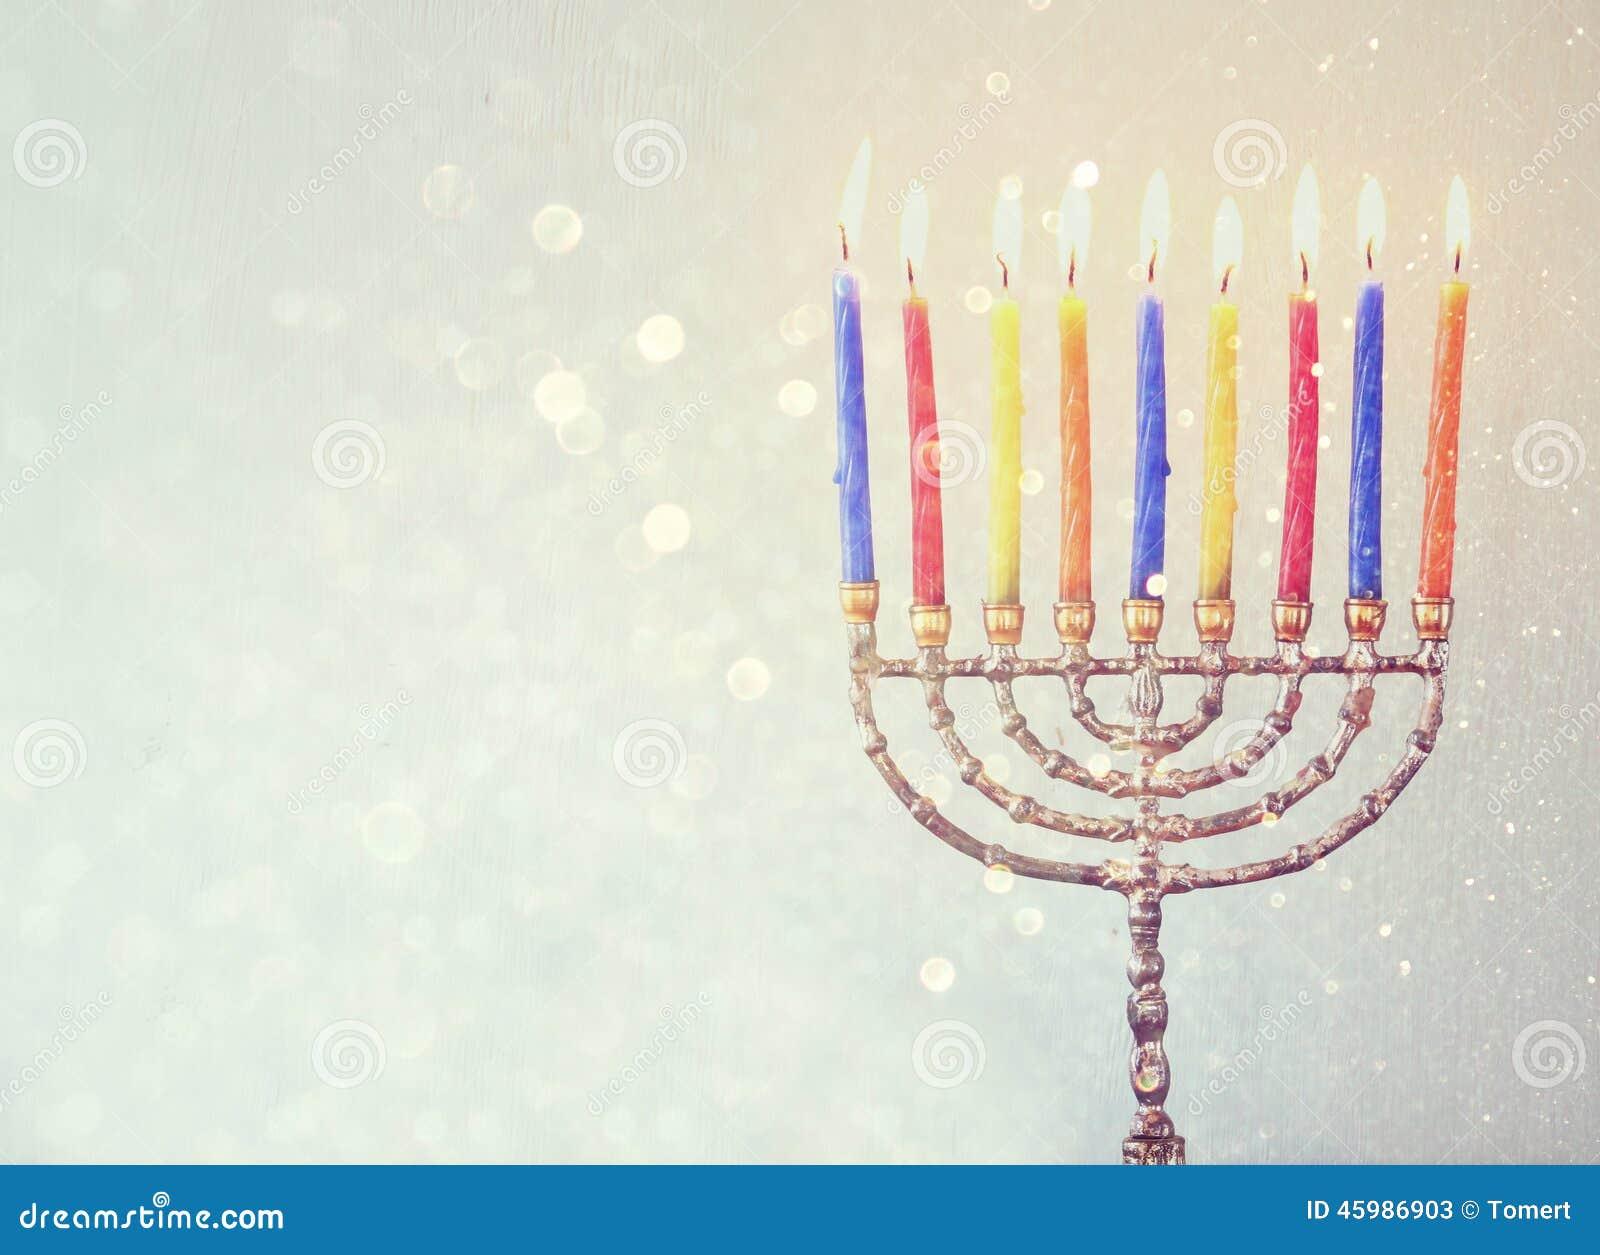 犹太假日光明节背景的低调图象与menorah灼烧的蜡烛的在闪烁背景